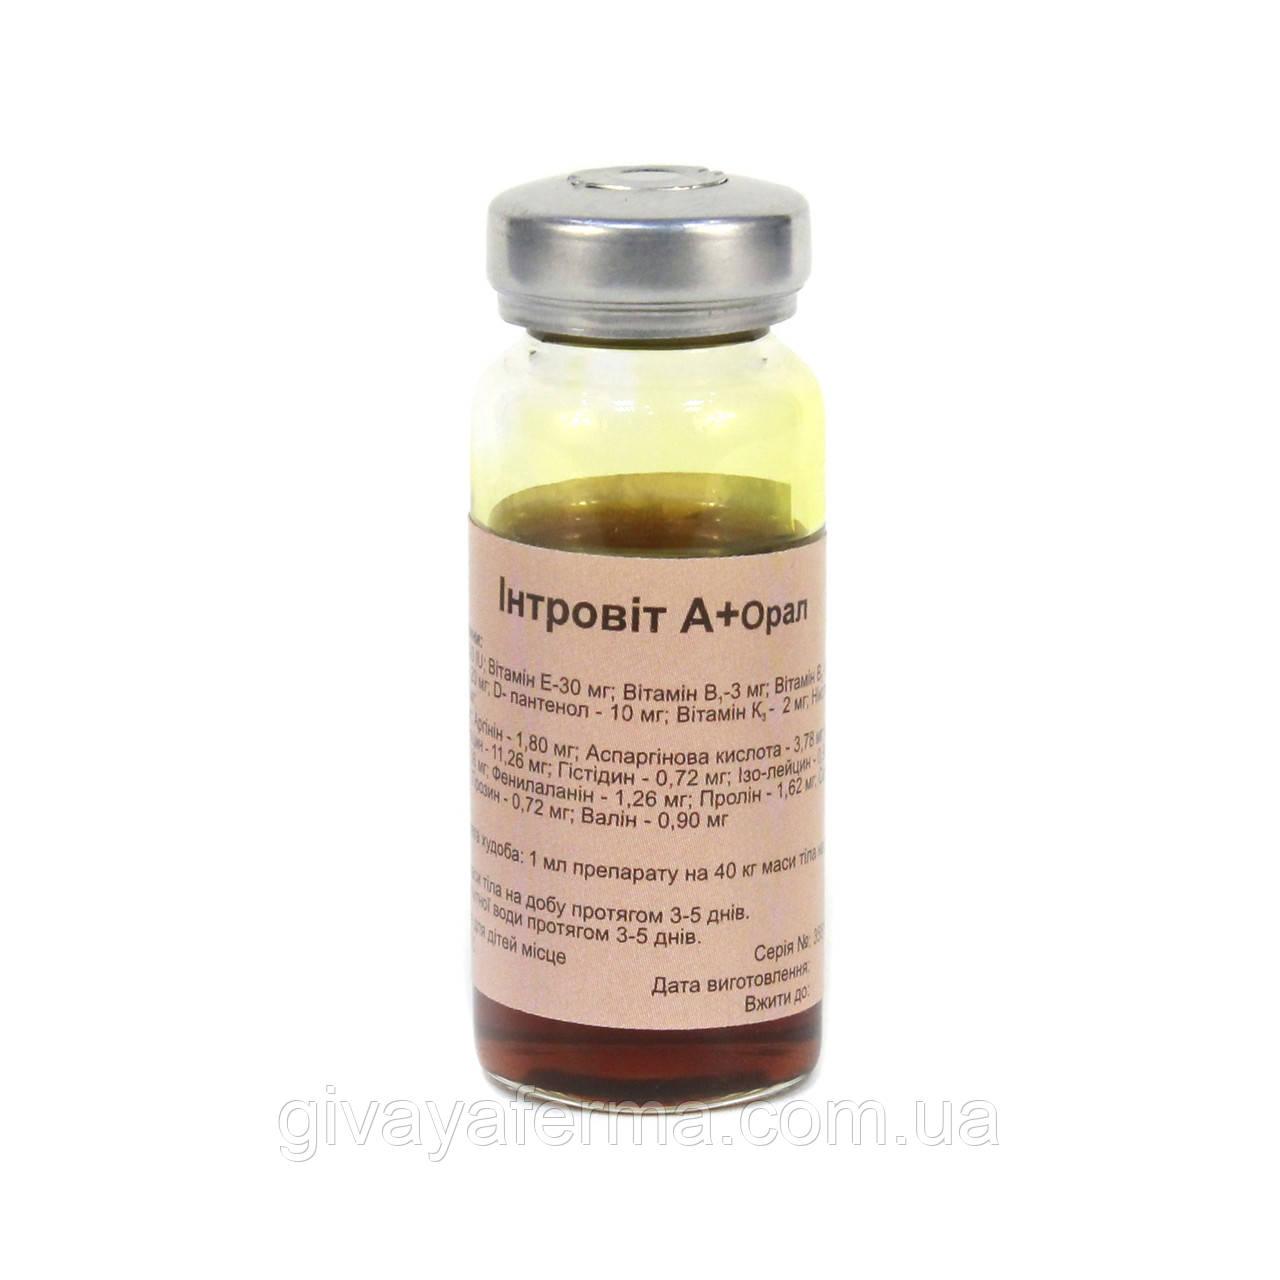 Интровит А+ Орал 10 мл, Интерхим, витаминно-аминокислотный комплекс